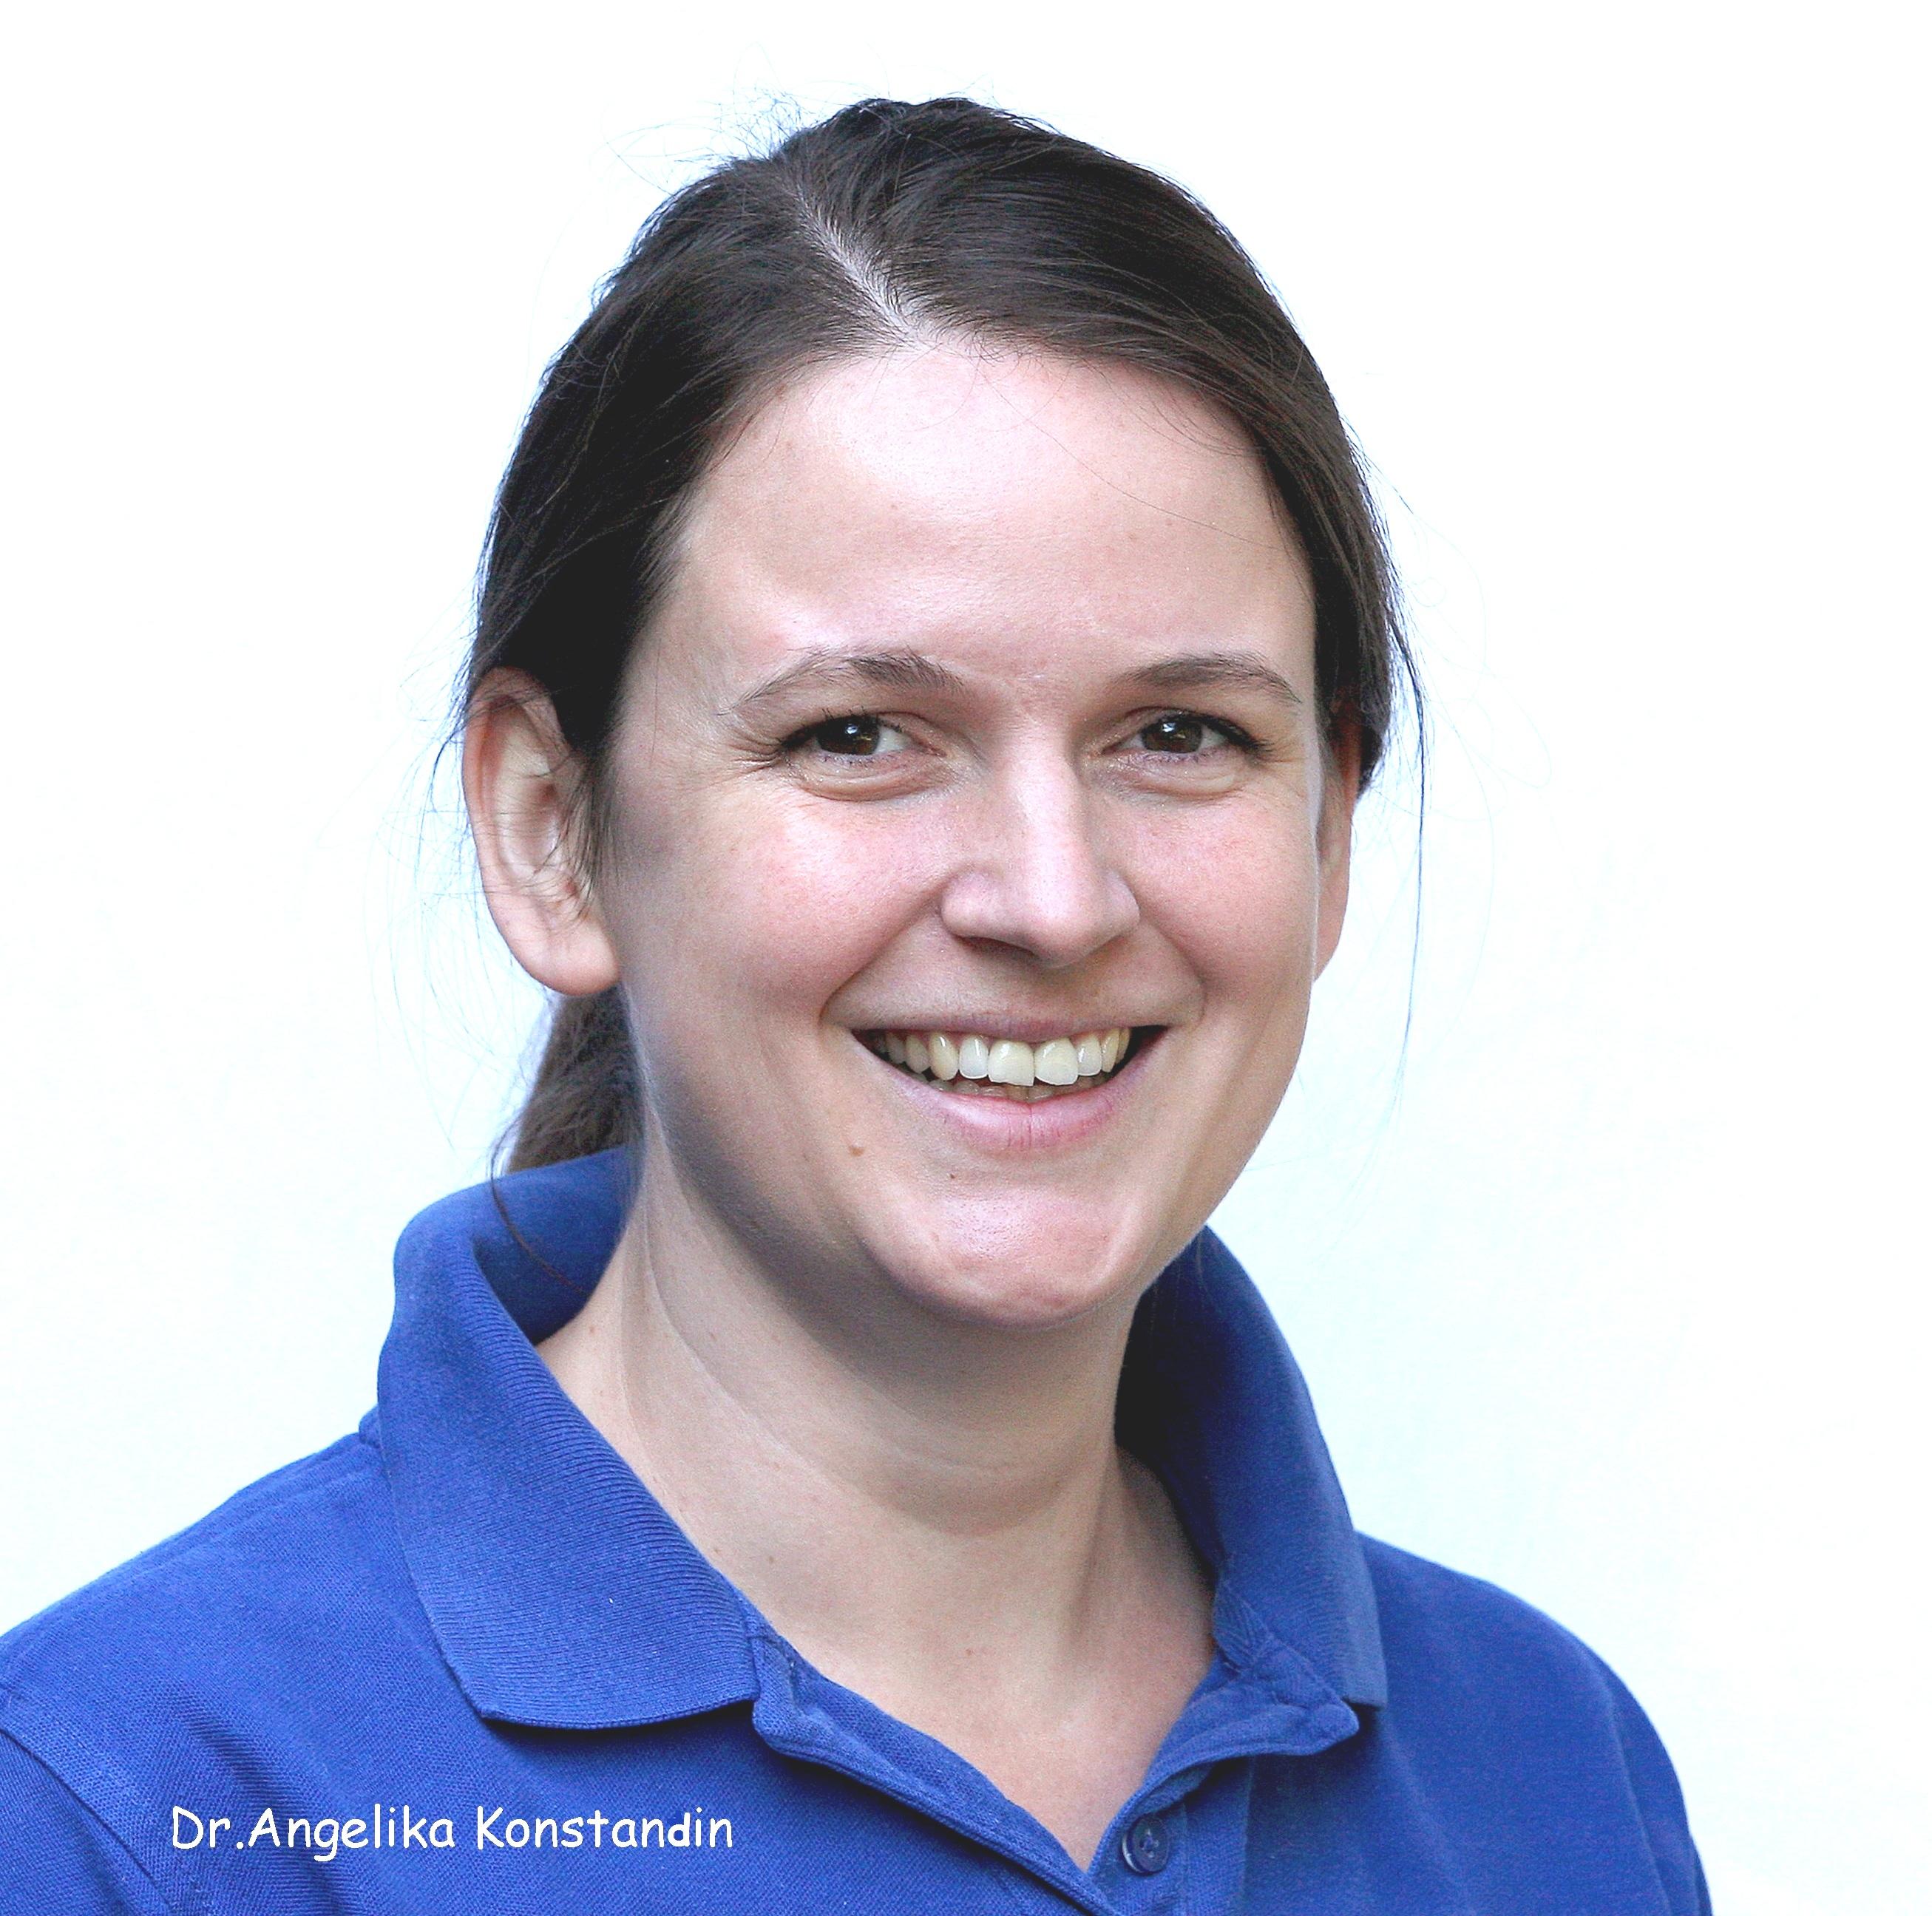 Dr. Angelika Konstandin